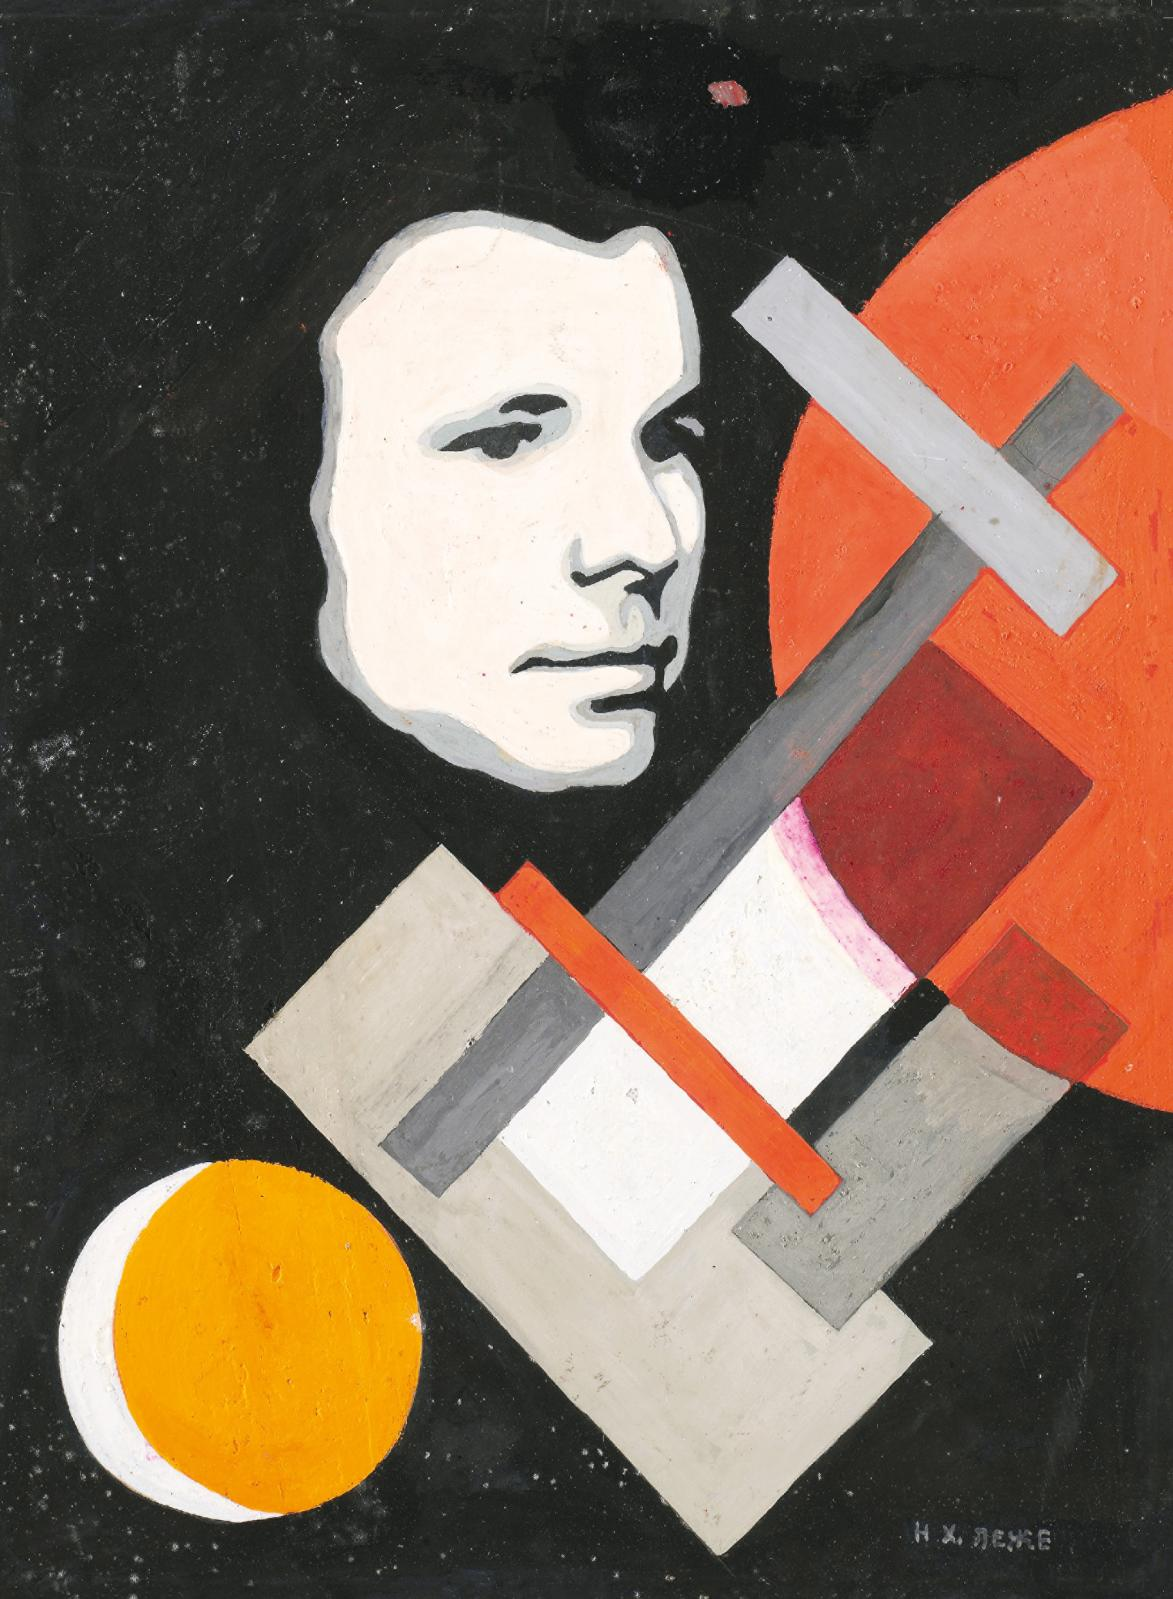 Gagarine suprématiste, gouache, 1963.